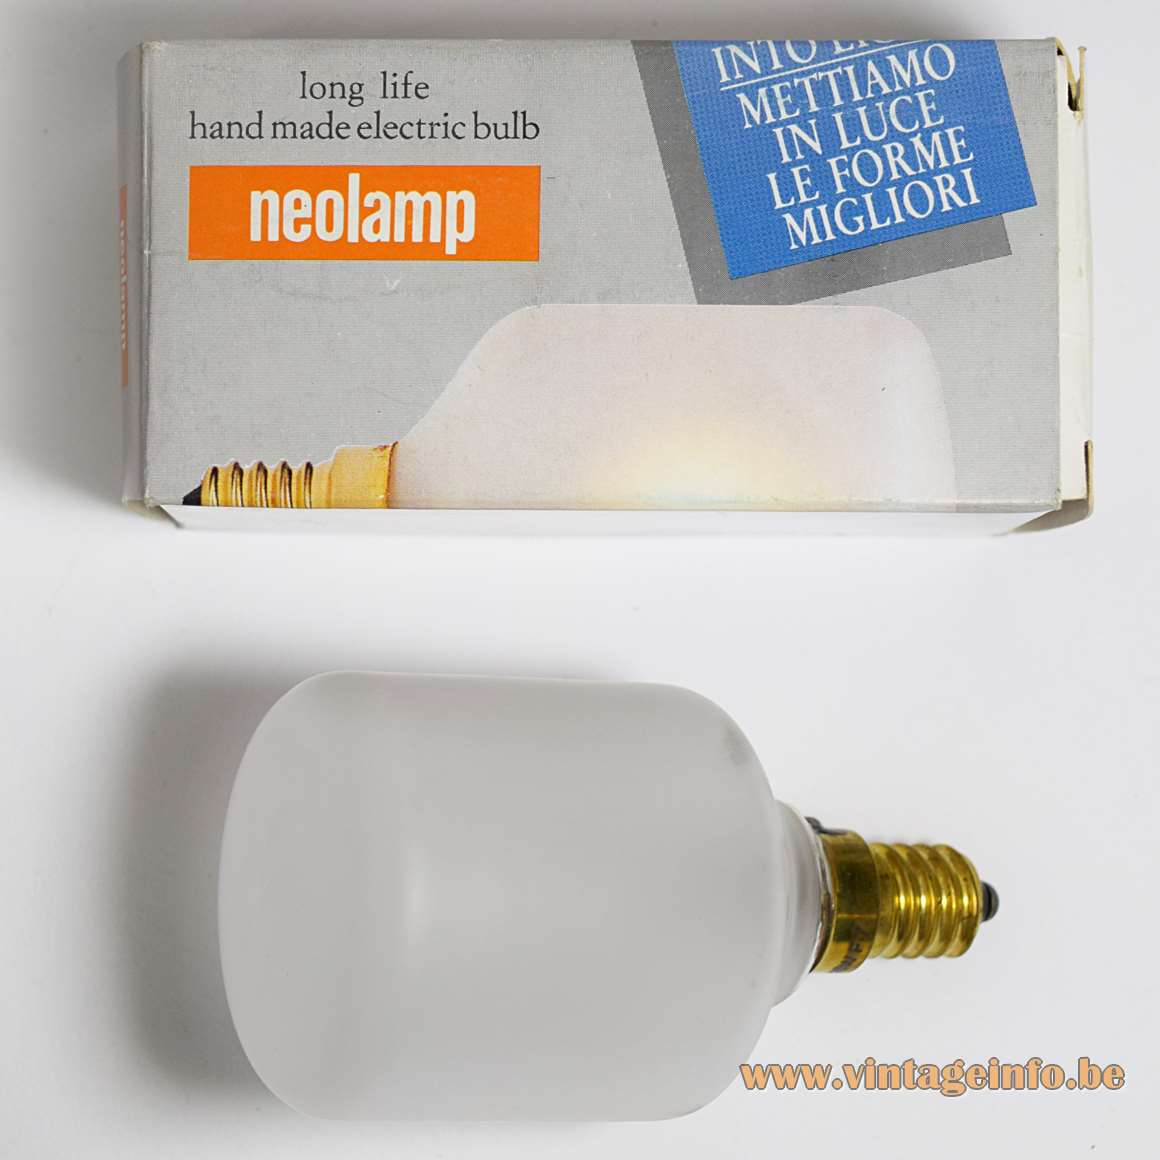 Neolamp Italy Sirio Sattinata 220 volt - 25 Watt